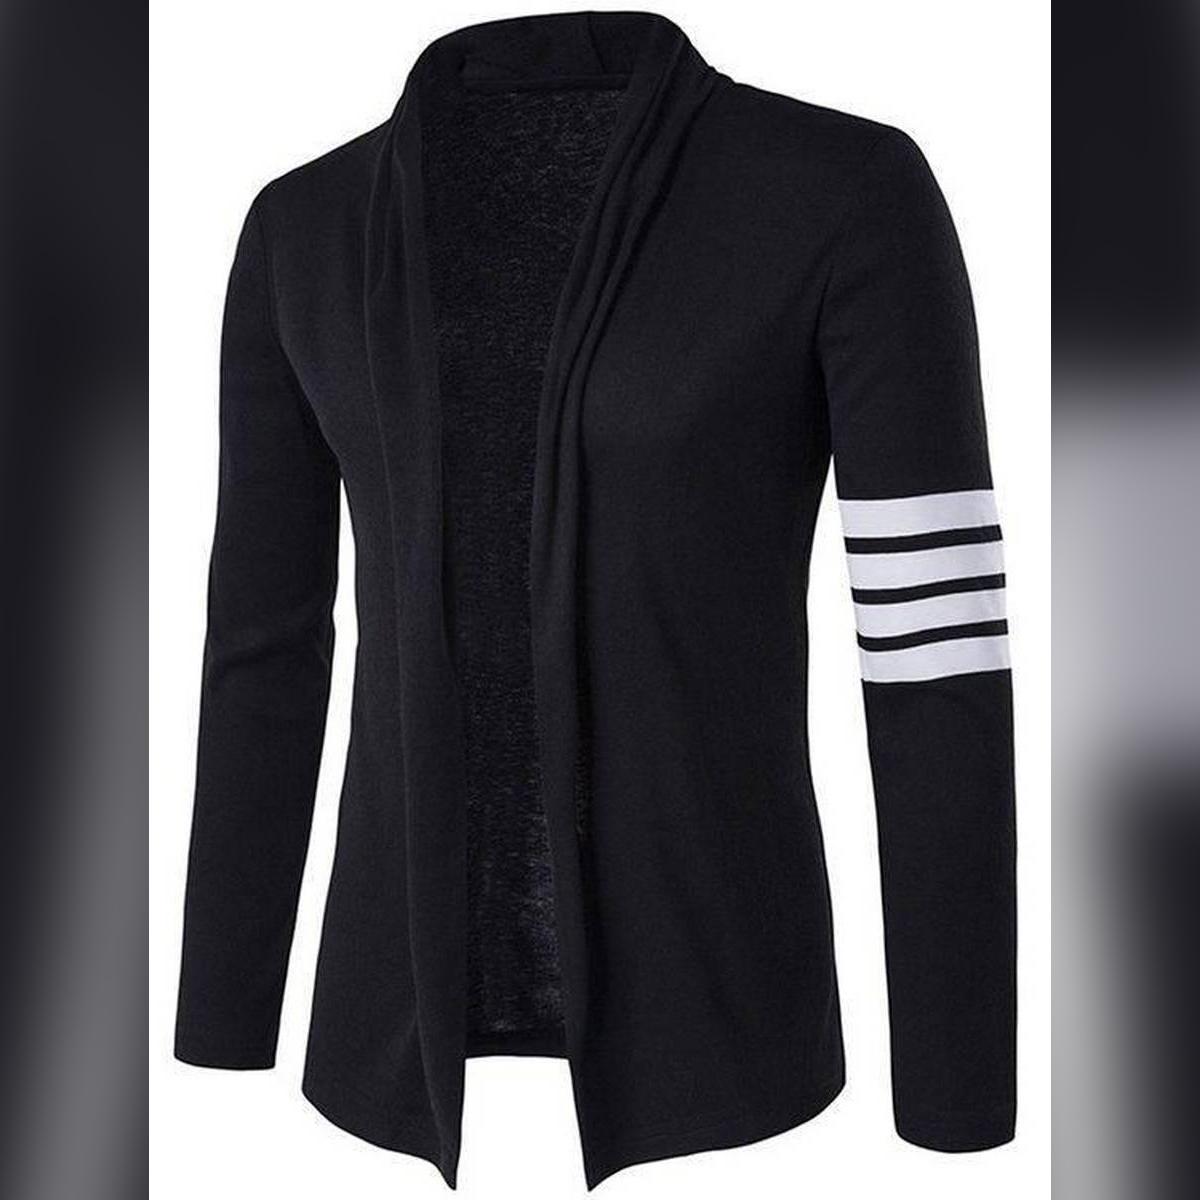 Oxygen Clothing Cardigan Black Zebra Sleeves